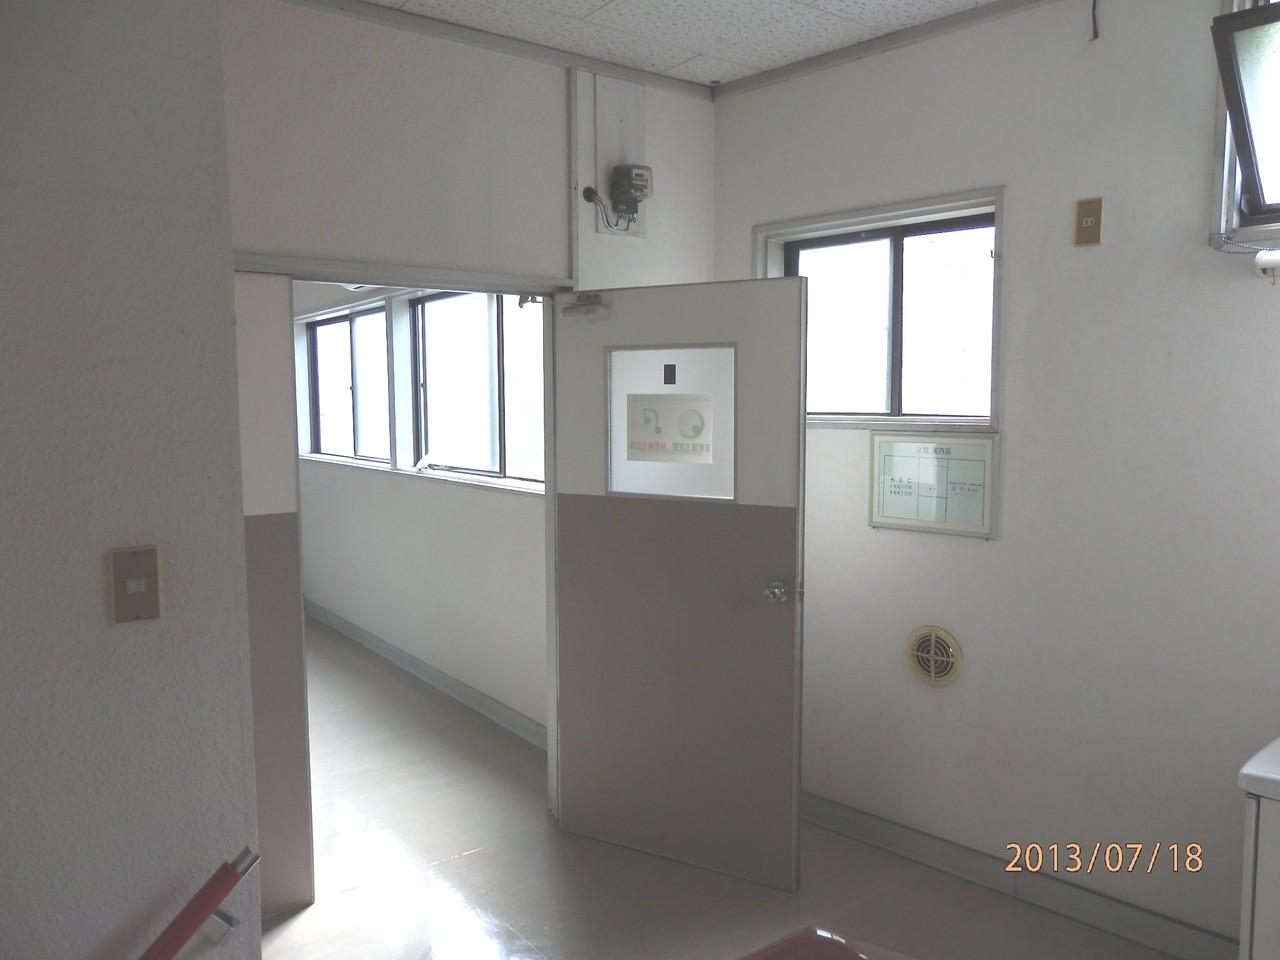 KECビル2階、201号室(10坪)入口(開、事務所として使用可能)